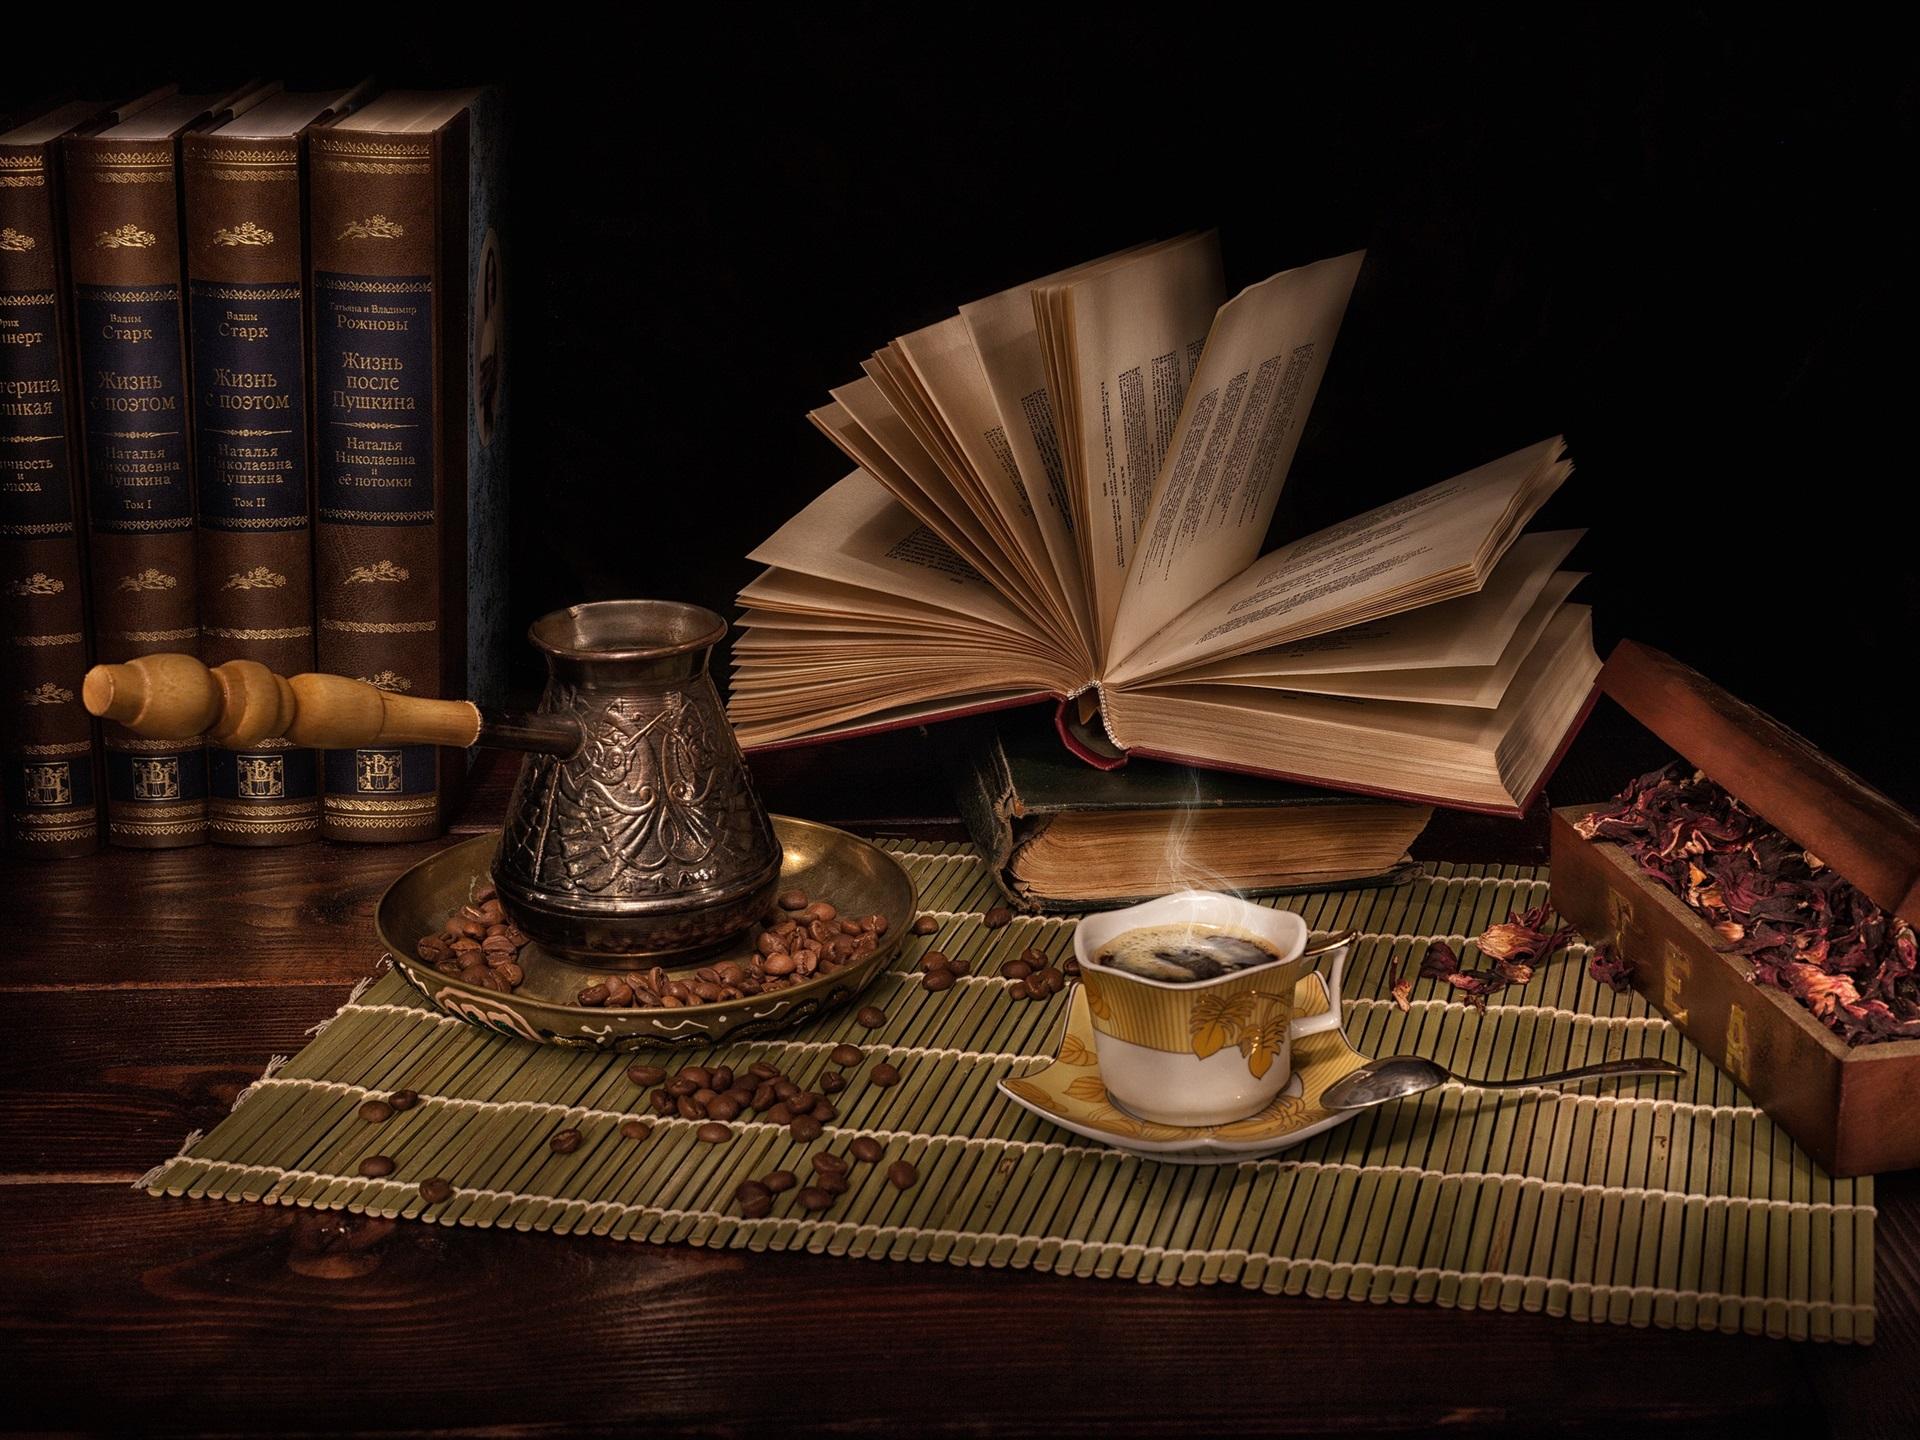 Fondos De Pantalla Libros Cafe Flores Secas 1920x1440 Hd Imagen